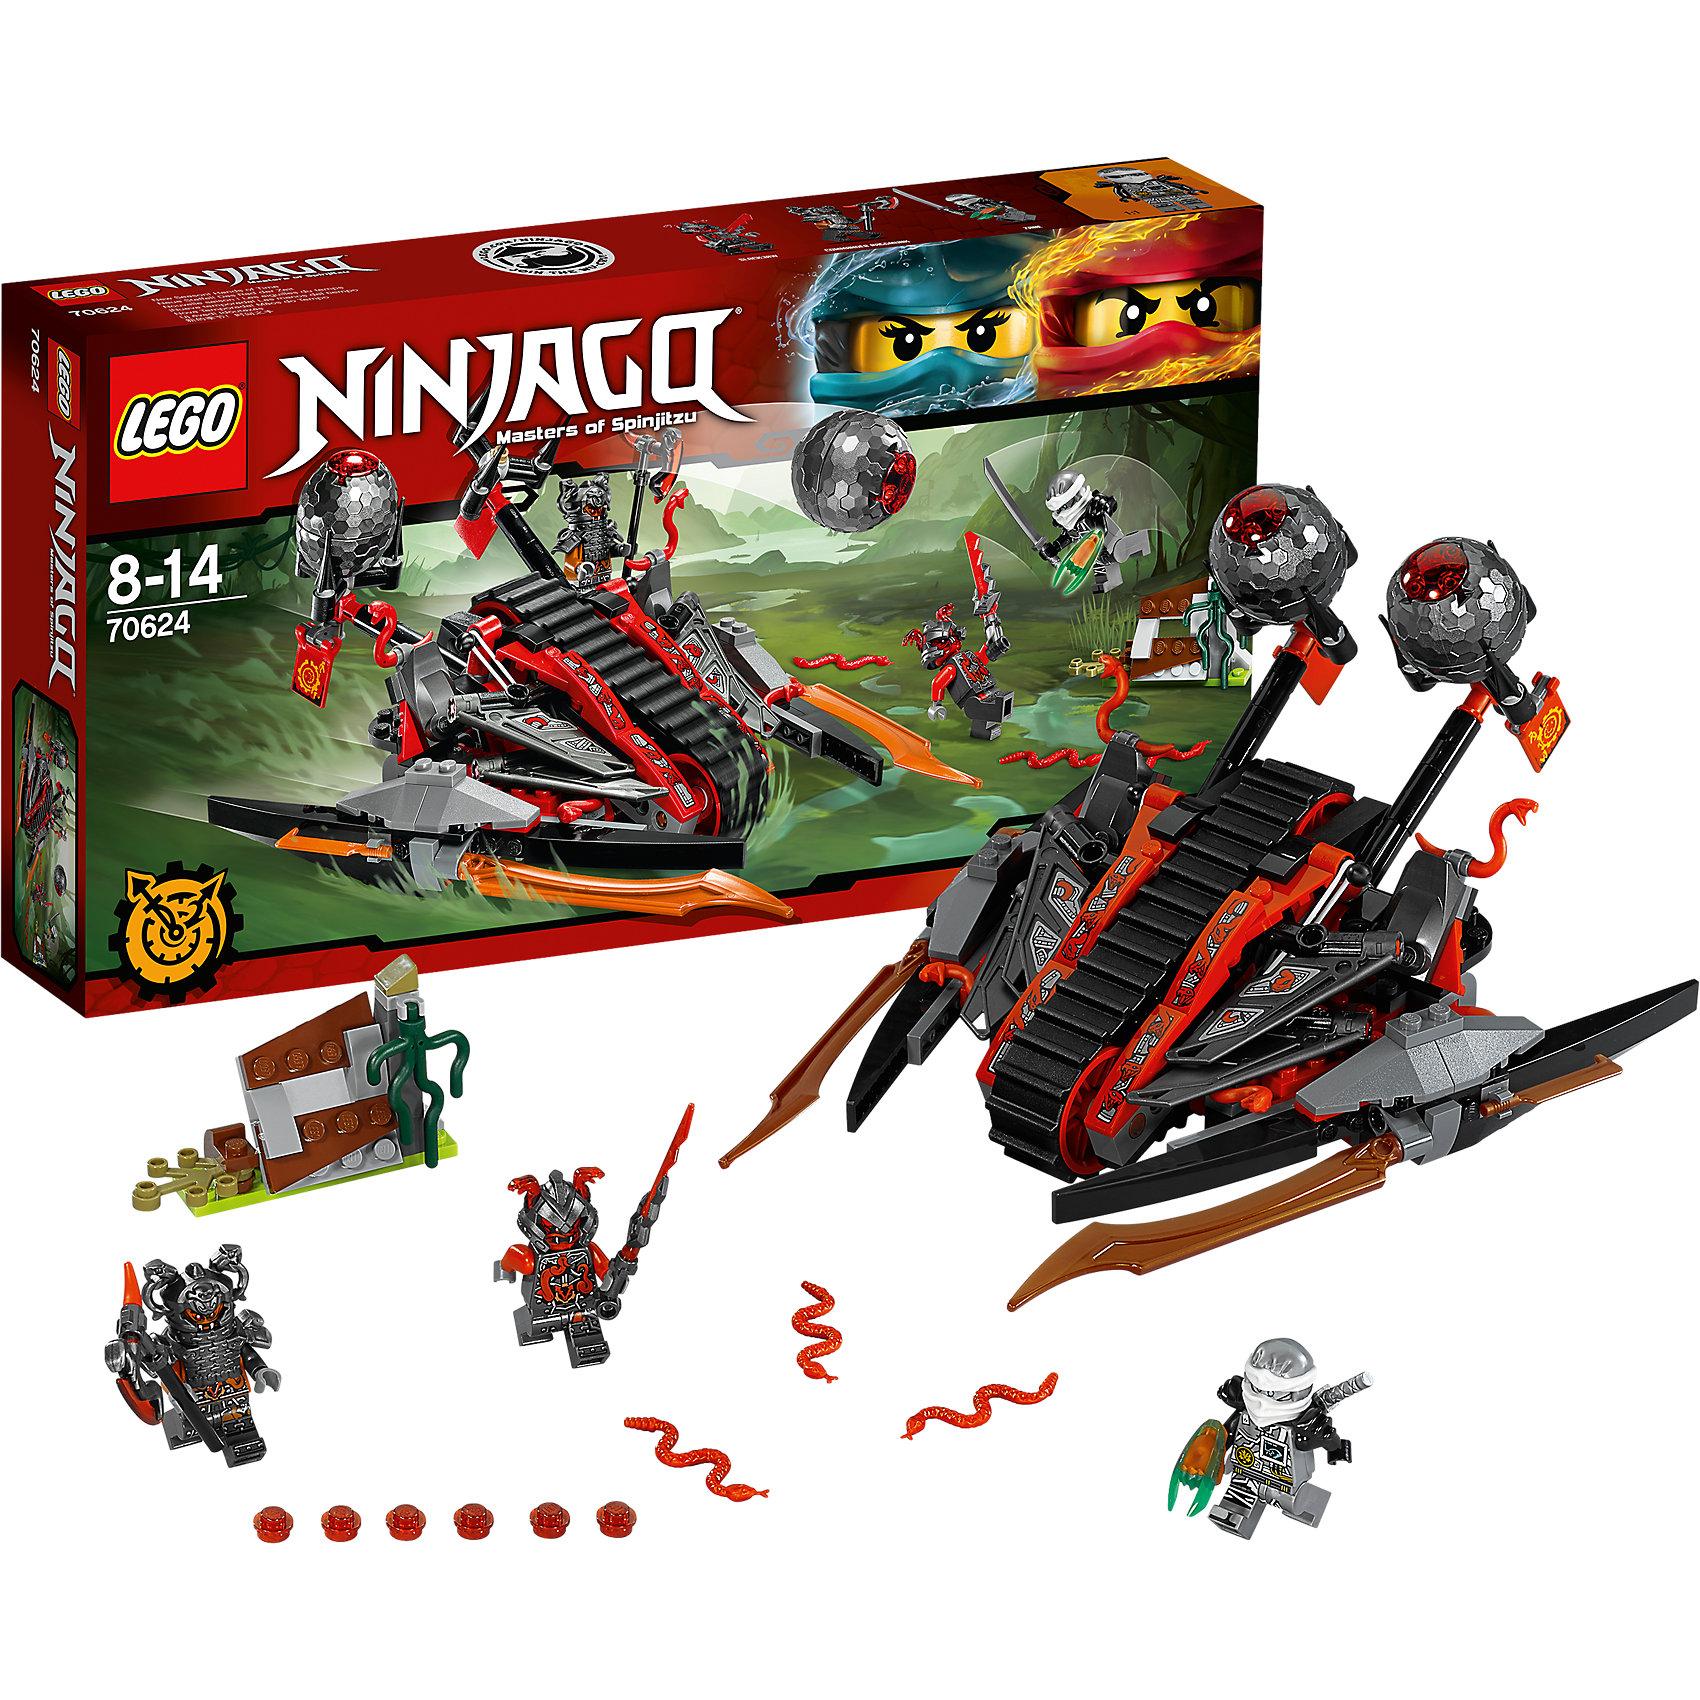 LEGO NINJAGO 70624: Алый захватчикLEGO NINJAGO 70624: Алый захватчик<br><br>Характеристики:<br><br>- в набор входит: детали захватчика, барьера, 3 минифигурки, 1 клинок времени, аксессуары, красочная инструкция по сборке<br>- минифигурки набора: Зейн, командир Рагмунг, Слэкджо<br>- состав: пластик<br>- количество деталей: 313<br>- размер захватчика: 22 * 13 * 19 см. <br>- размер барьера: 7 * 3 * 5 см.<br>- для детей в возрасте: от 8 до 14 лет<br>- Страна производитель: Дания/Китай/Чехия<br><br>Легендарный конструктор LEGO (ЛЕГО) представляет серию «NINJAGO» (Ниндзяго) - это увлекательный мир воинов ниндзя против зла. Ребенку понравятся разнообразие приключений и возможности новых игр. <br><br>Зейн представлен в своем новом, более детализированном кимоно, его серебряные цвета и необыкновенная маска ему очень идут, на нем наплечники и ножны для его серебряной катаны. Злодей командир Рагмунг представлен в тяжелом доспехе, на его шлеме расположены две змеи, под доспехами фигурка разрисована и все еще выглядит угрожающе, у фигурки два выражения лица. Второй злодей, Слэкджо, выступает в объемном шлеме и с большим мечом, у него также два лица. <br><br>Захватчик Алой армии вооружен до зубов, по бокам расположены устрашающие клинки, сзади две катапульты заряженные яйцами вермиллионов. Захватчик передвигается по болотам с помощью гусеницы посередине, в кабину вмещаются две минифигурки, на захватчике висят флаги Алой армии. Регулируемый барьер состоит из разных элементов, симулирующих природу. Помоги Зейну применить клинок времени и победить злодеев Алой армии. <br><br>Играя с конструктором ребенок развивает моторику рук, воображение и логическое мышление, научится собирать по инструкции и создавать свои модели. Придумывайте новые истории любимых героев с набором LEGO «NINJAGO»!<br><br>Конструктор LEGO NINJAGO 70624: Алый захватчик можно купить в нашем интернет-магазине.<br><br>Ширина мм: 357<br>Глубина мм: 192<br>Высота мм: 63<br>Вес г: 449<br>Возраст от месяцев: 96<br>Возрас